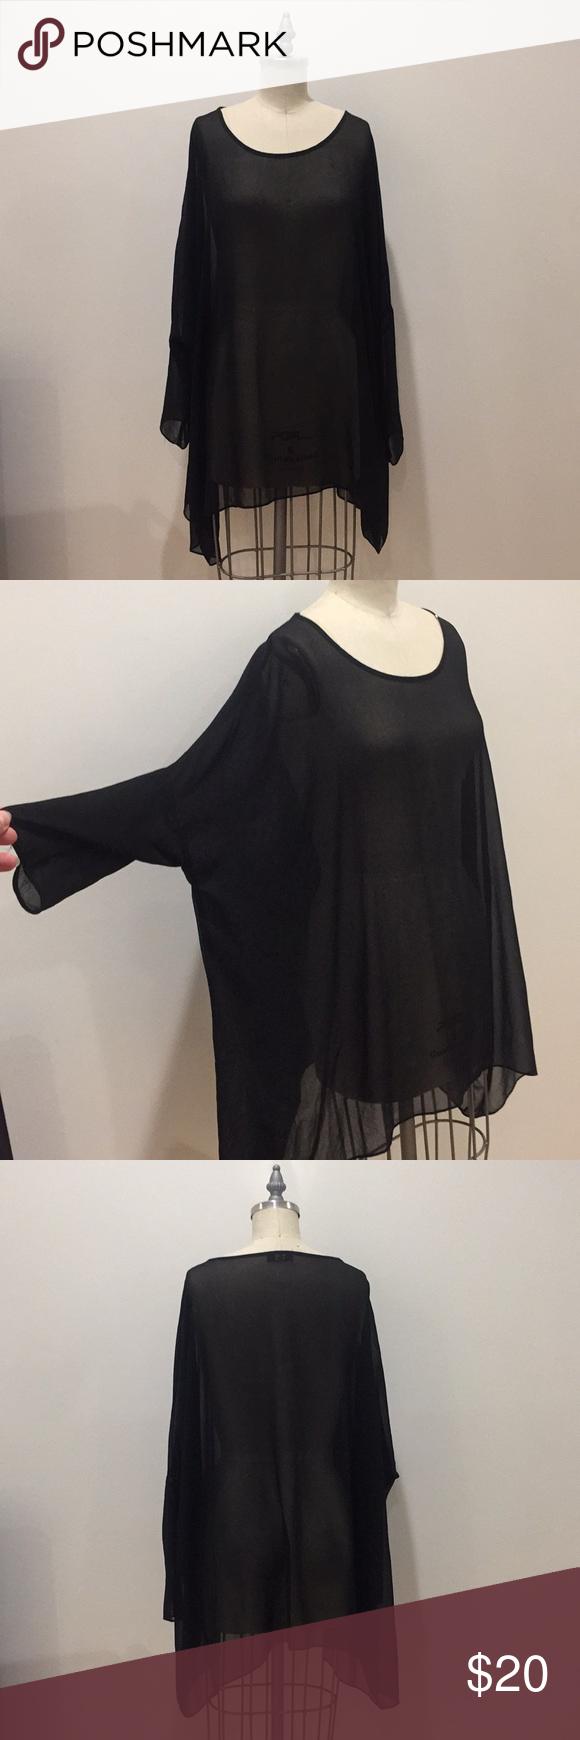 Sheer black dress cover up My Posh Picks Pinterest